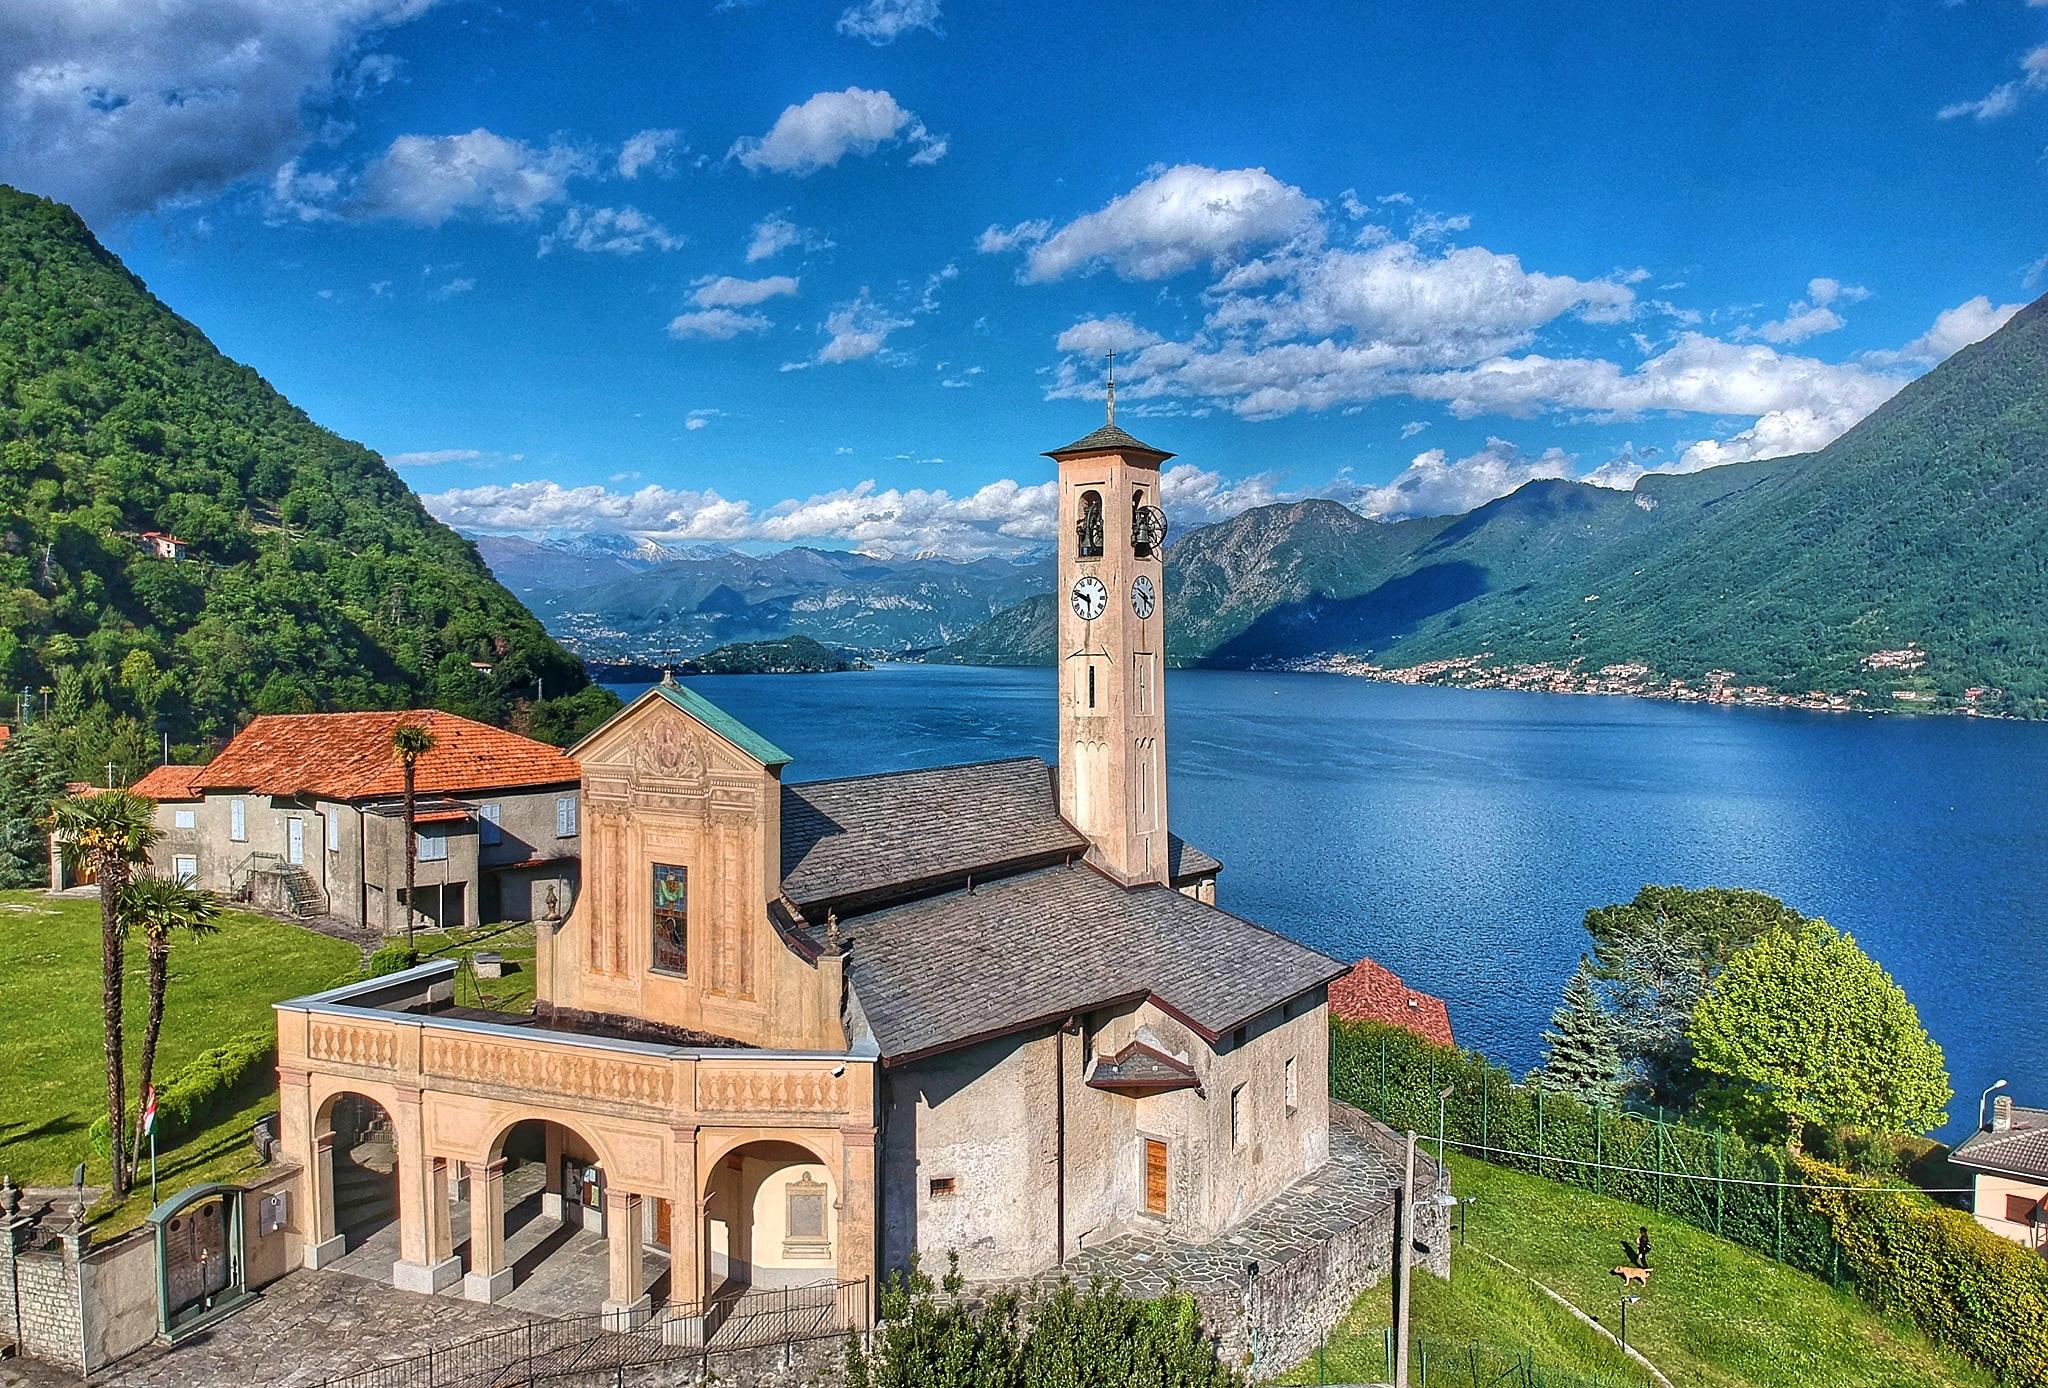 S. Sisinio Church (Piazzetta Donato Riccillo). Image by Valerio Carletto